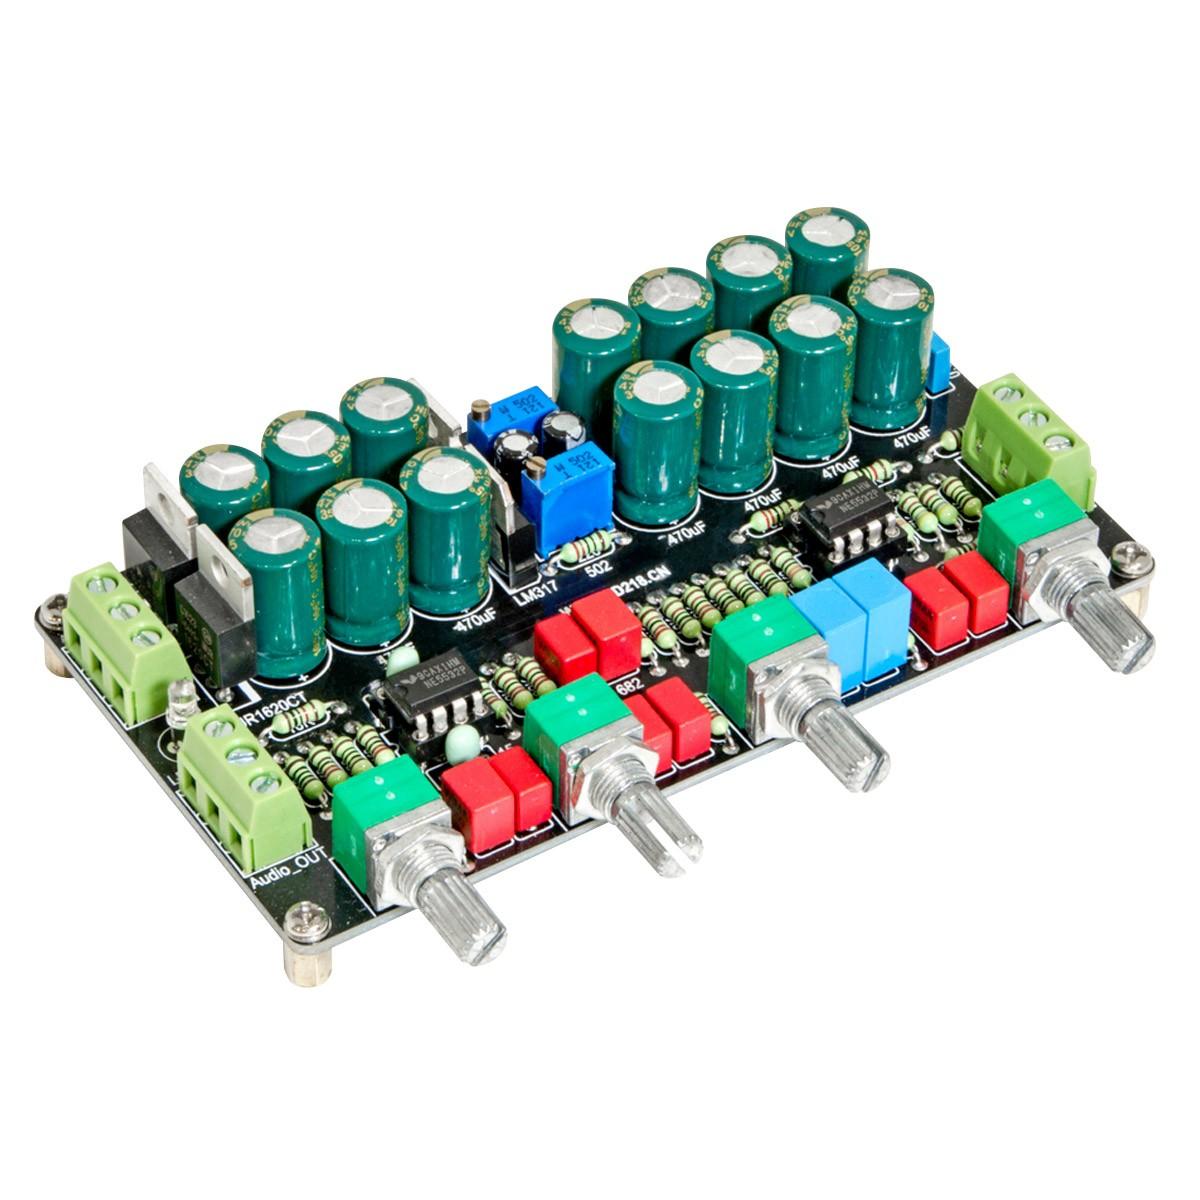 Preamplifier Board Volume Attenuator with Tone Control 2x NE5532